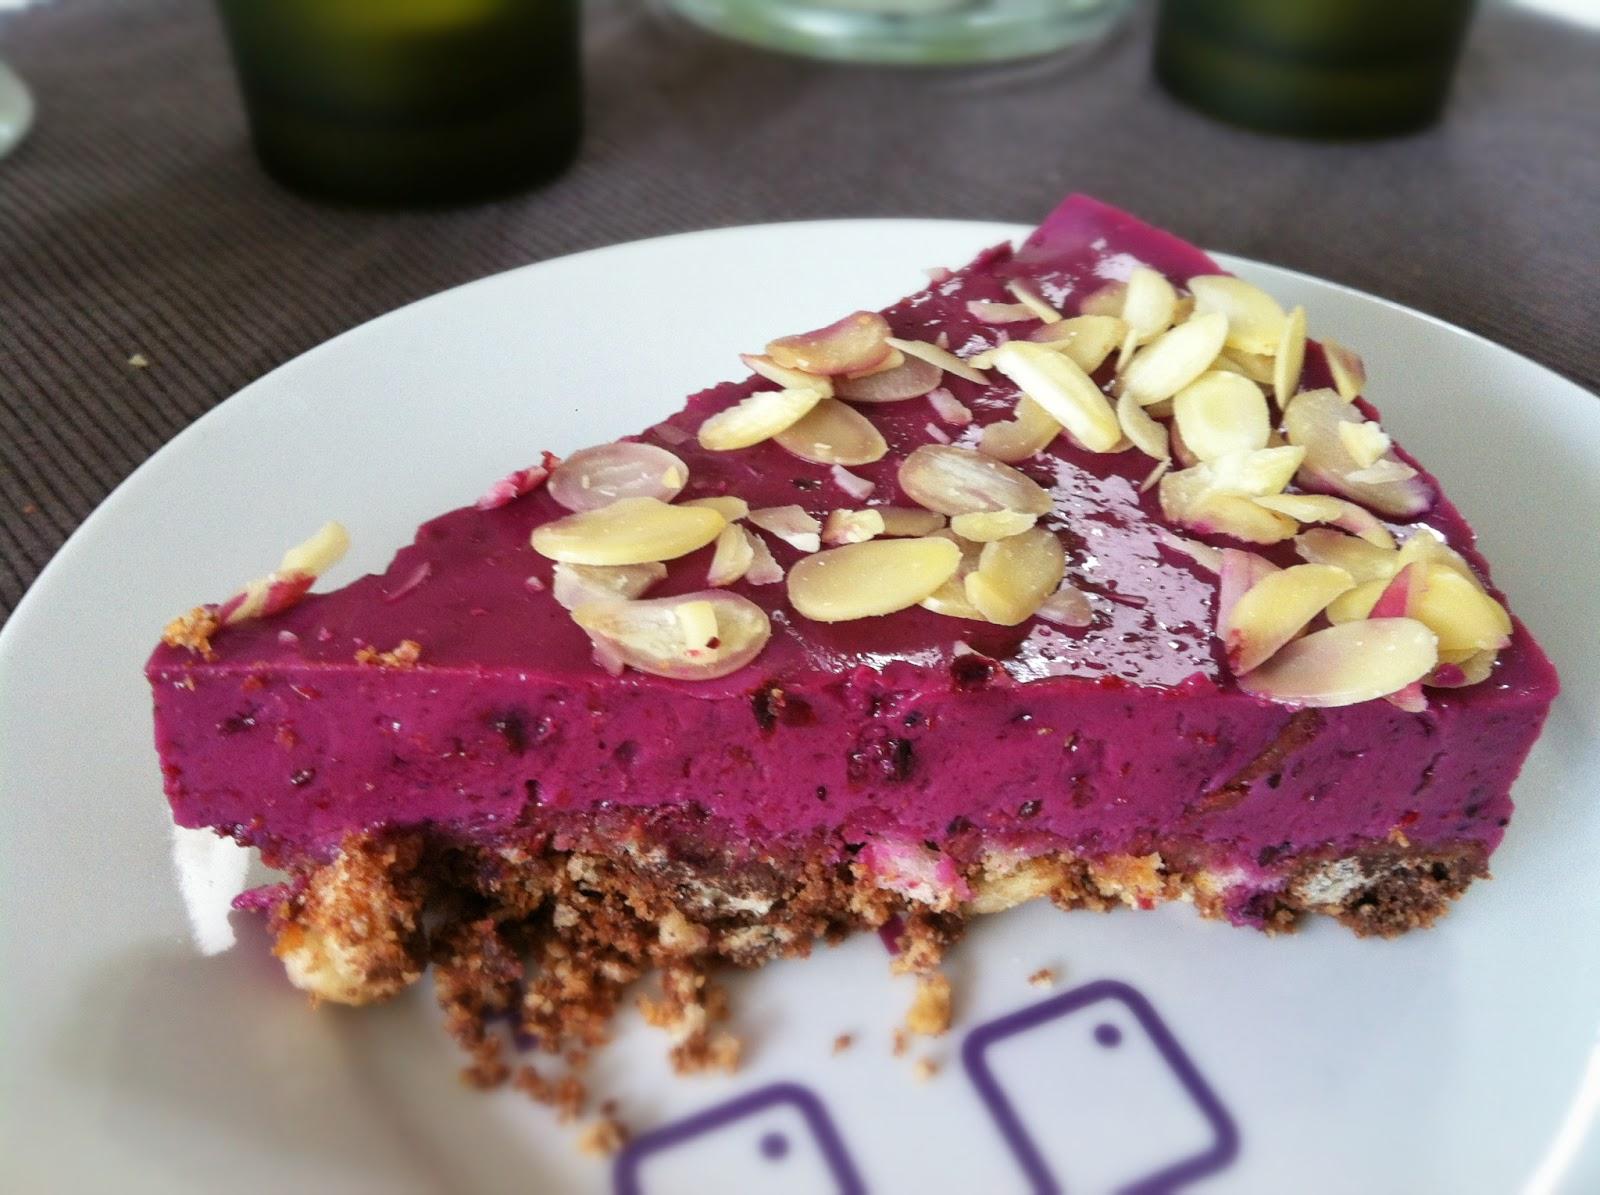 Vegan Kochen Und Geniessen Fruchtige Joghurt Torte Mit Beeren